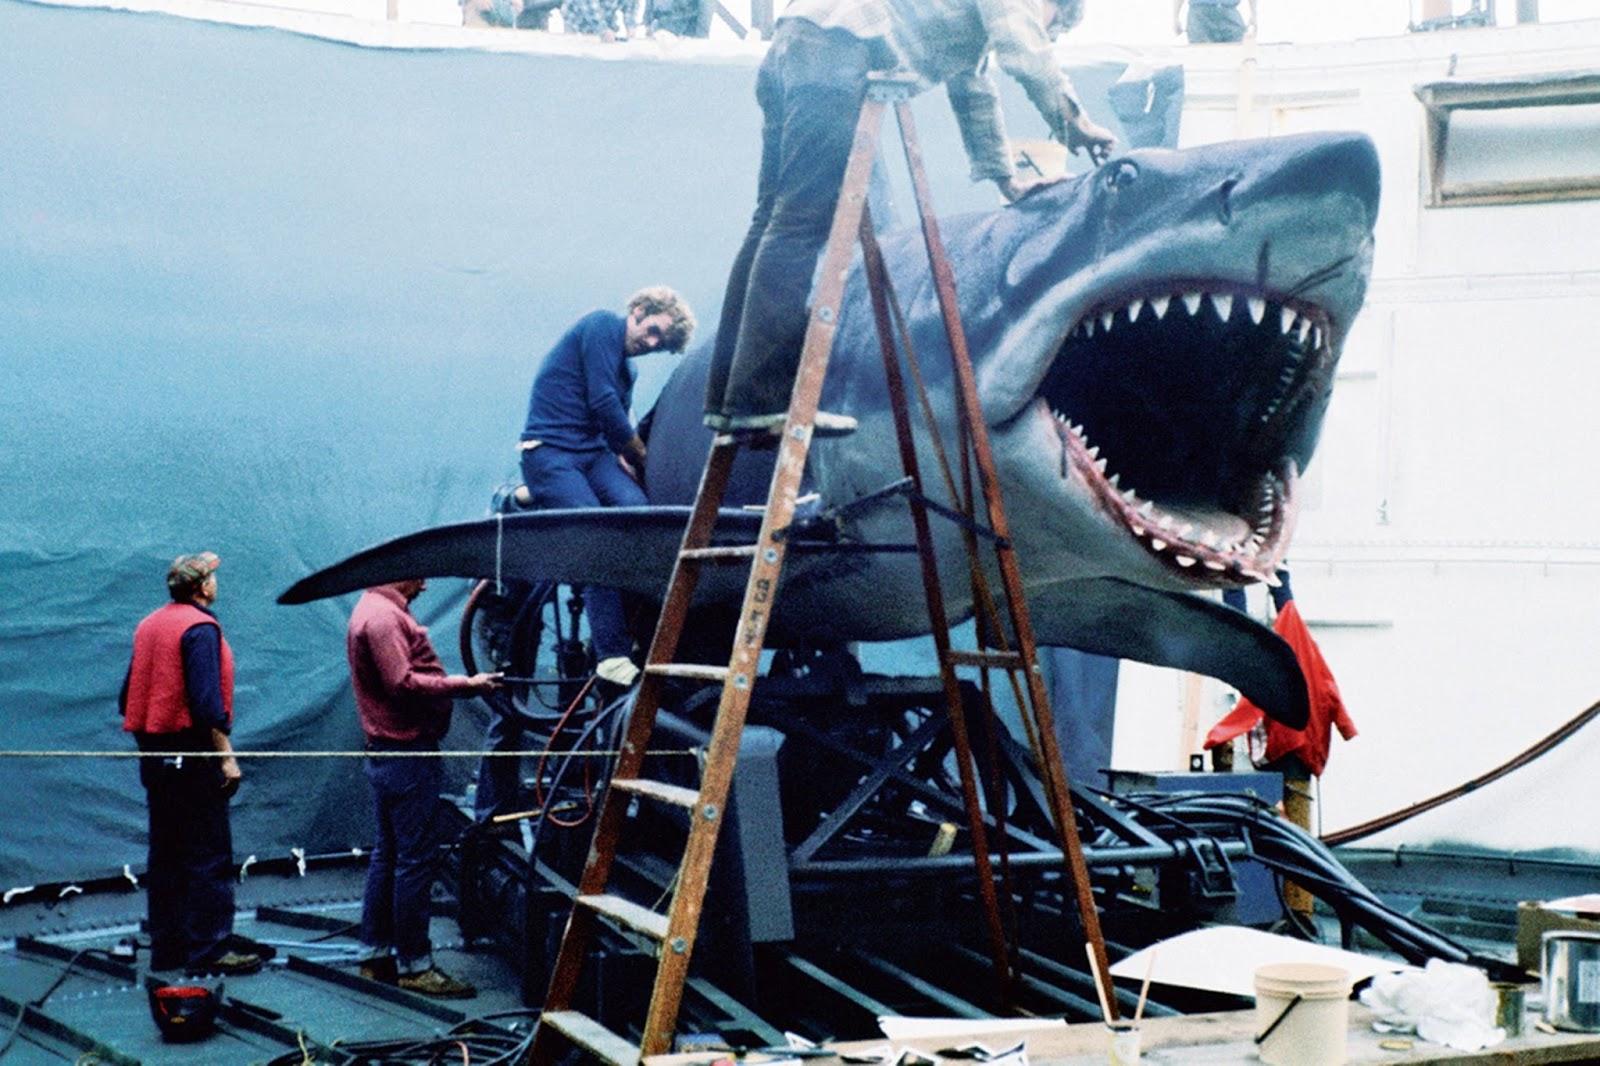 Jaws - Behind the scenes photos (1).jpg